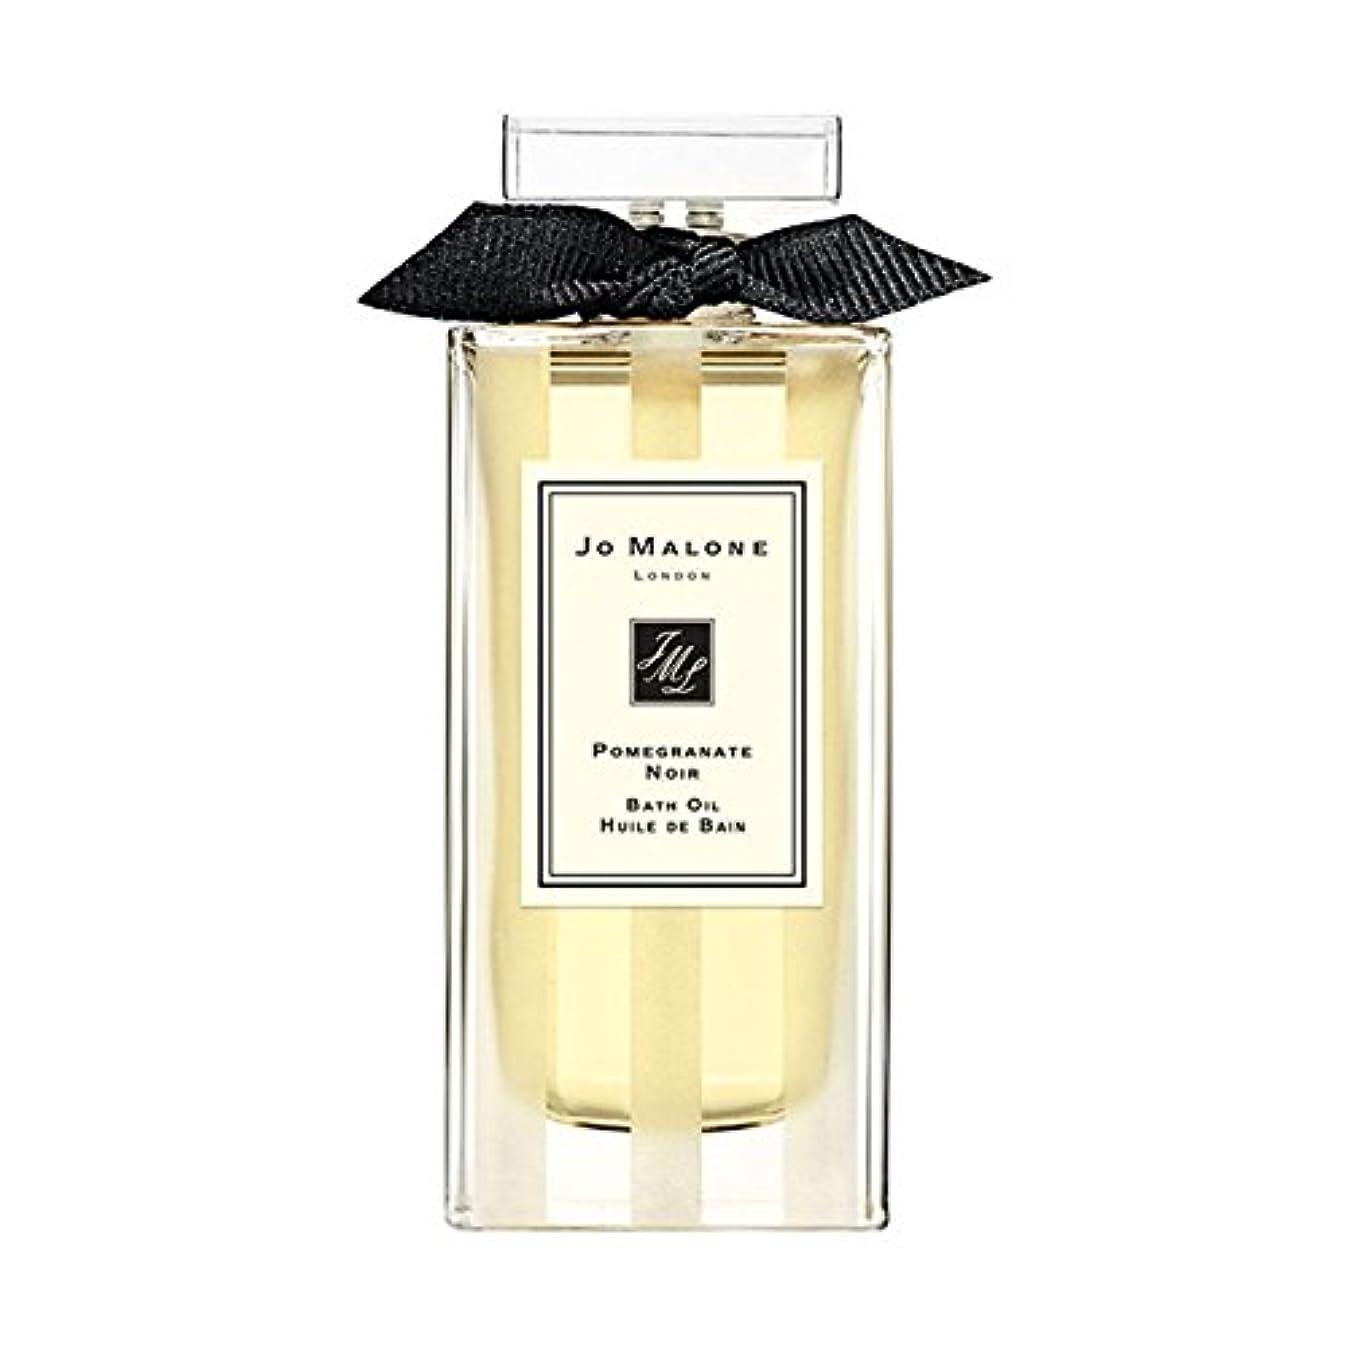 靄カーテン在庫Jo Malone ジョーマローン, バスオイル -ザクロ?ノワール (30ml),'Pomegranate Noir' Bath Oil (1oz) [海外直送品] [並行輸入品]